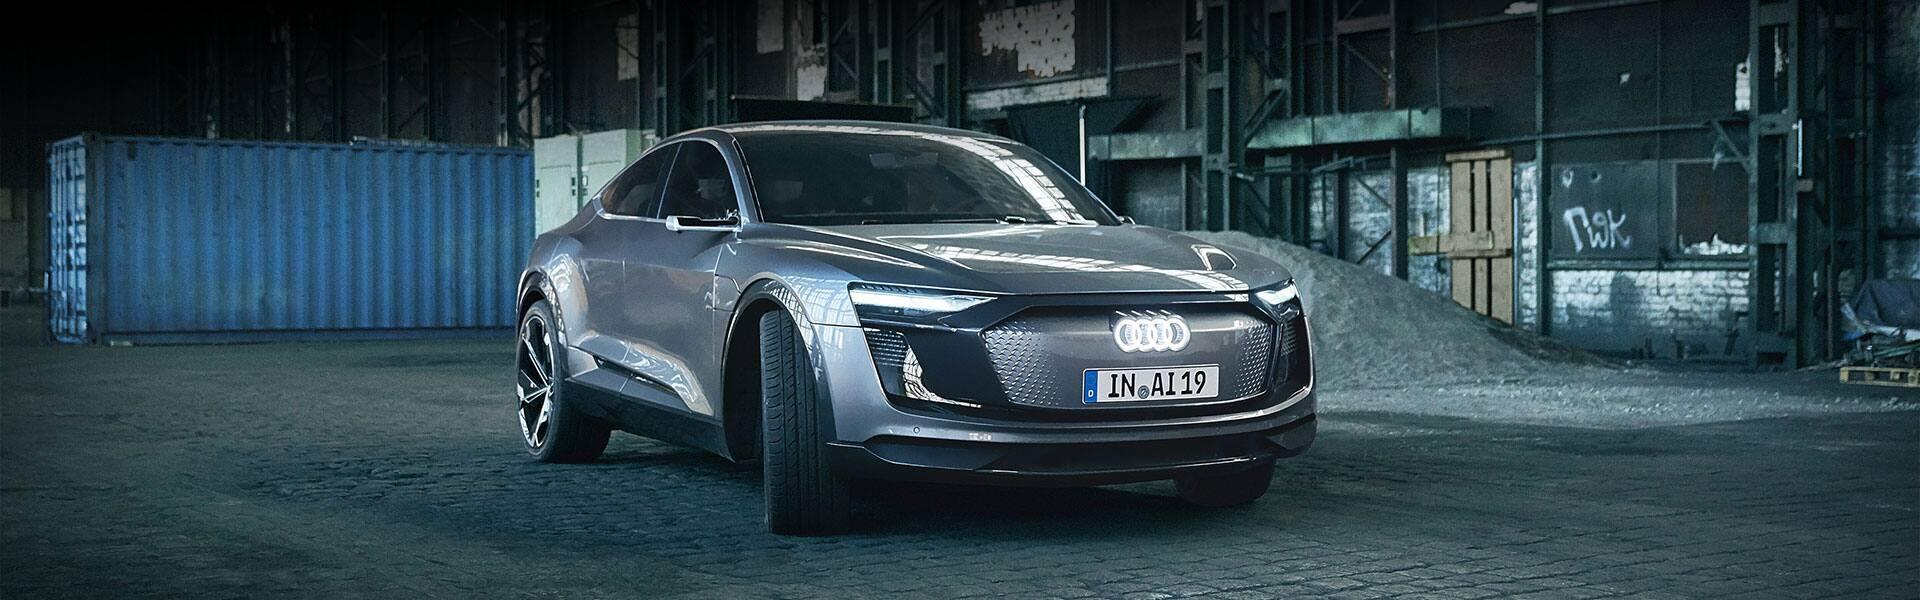 Audi Etron Concept Vehicles Etron Audi Canada - Audi etron